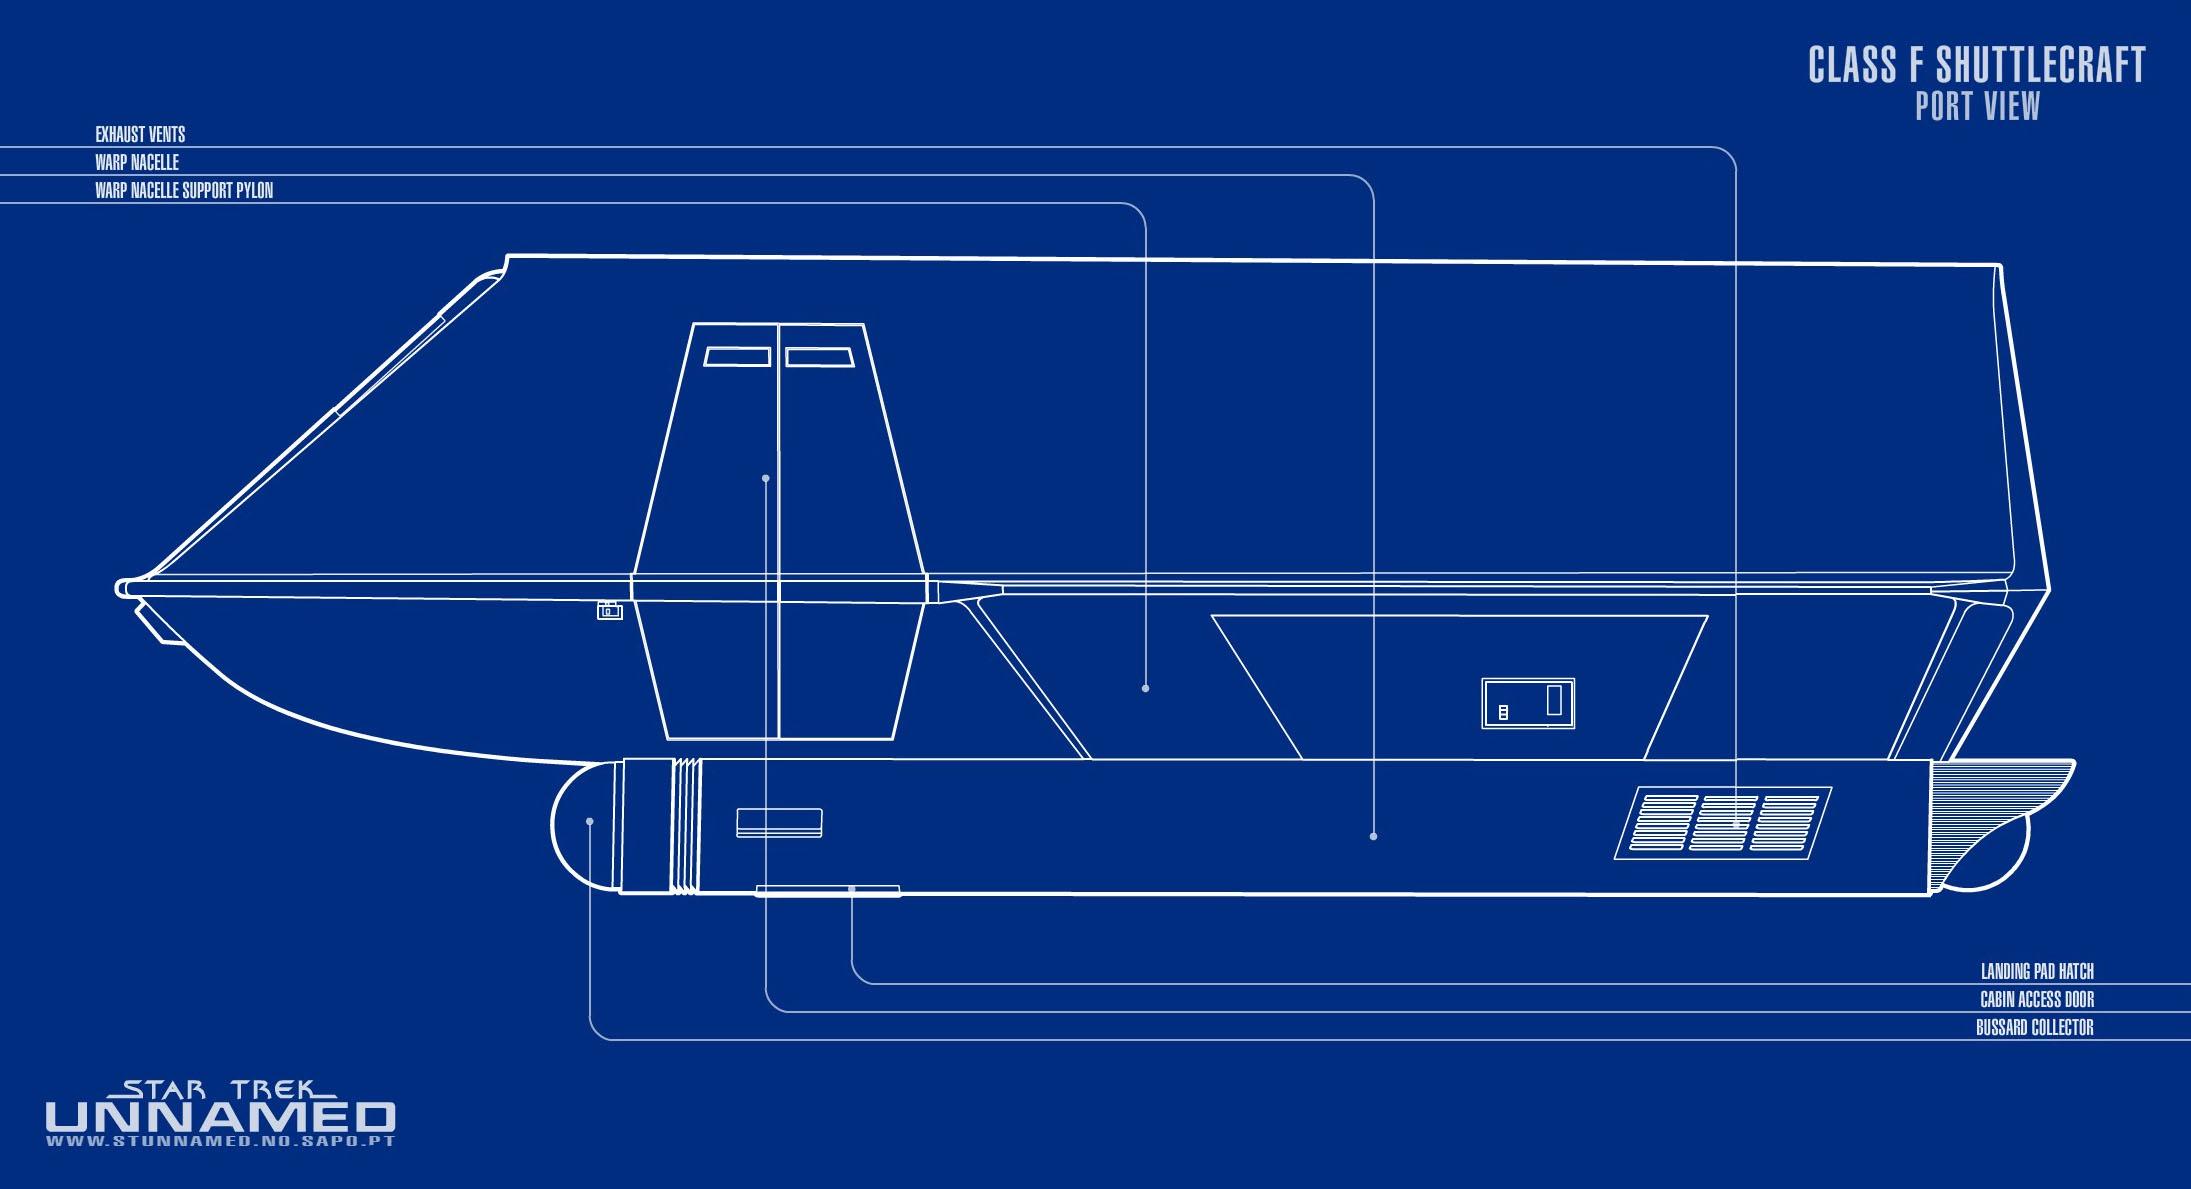 classfshuttlecraftport.jpg